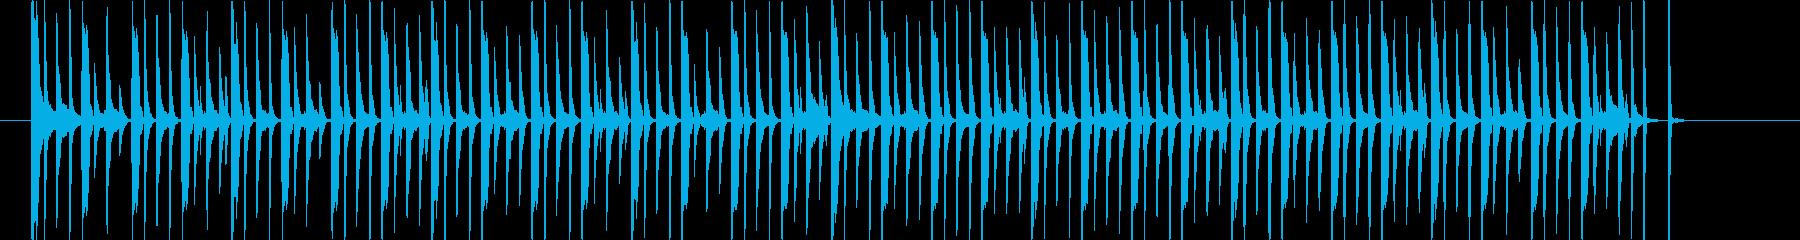 クイズ番組の考え中テクノの再生済みの波形